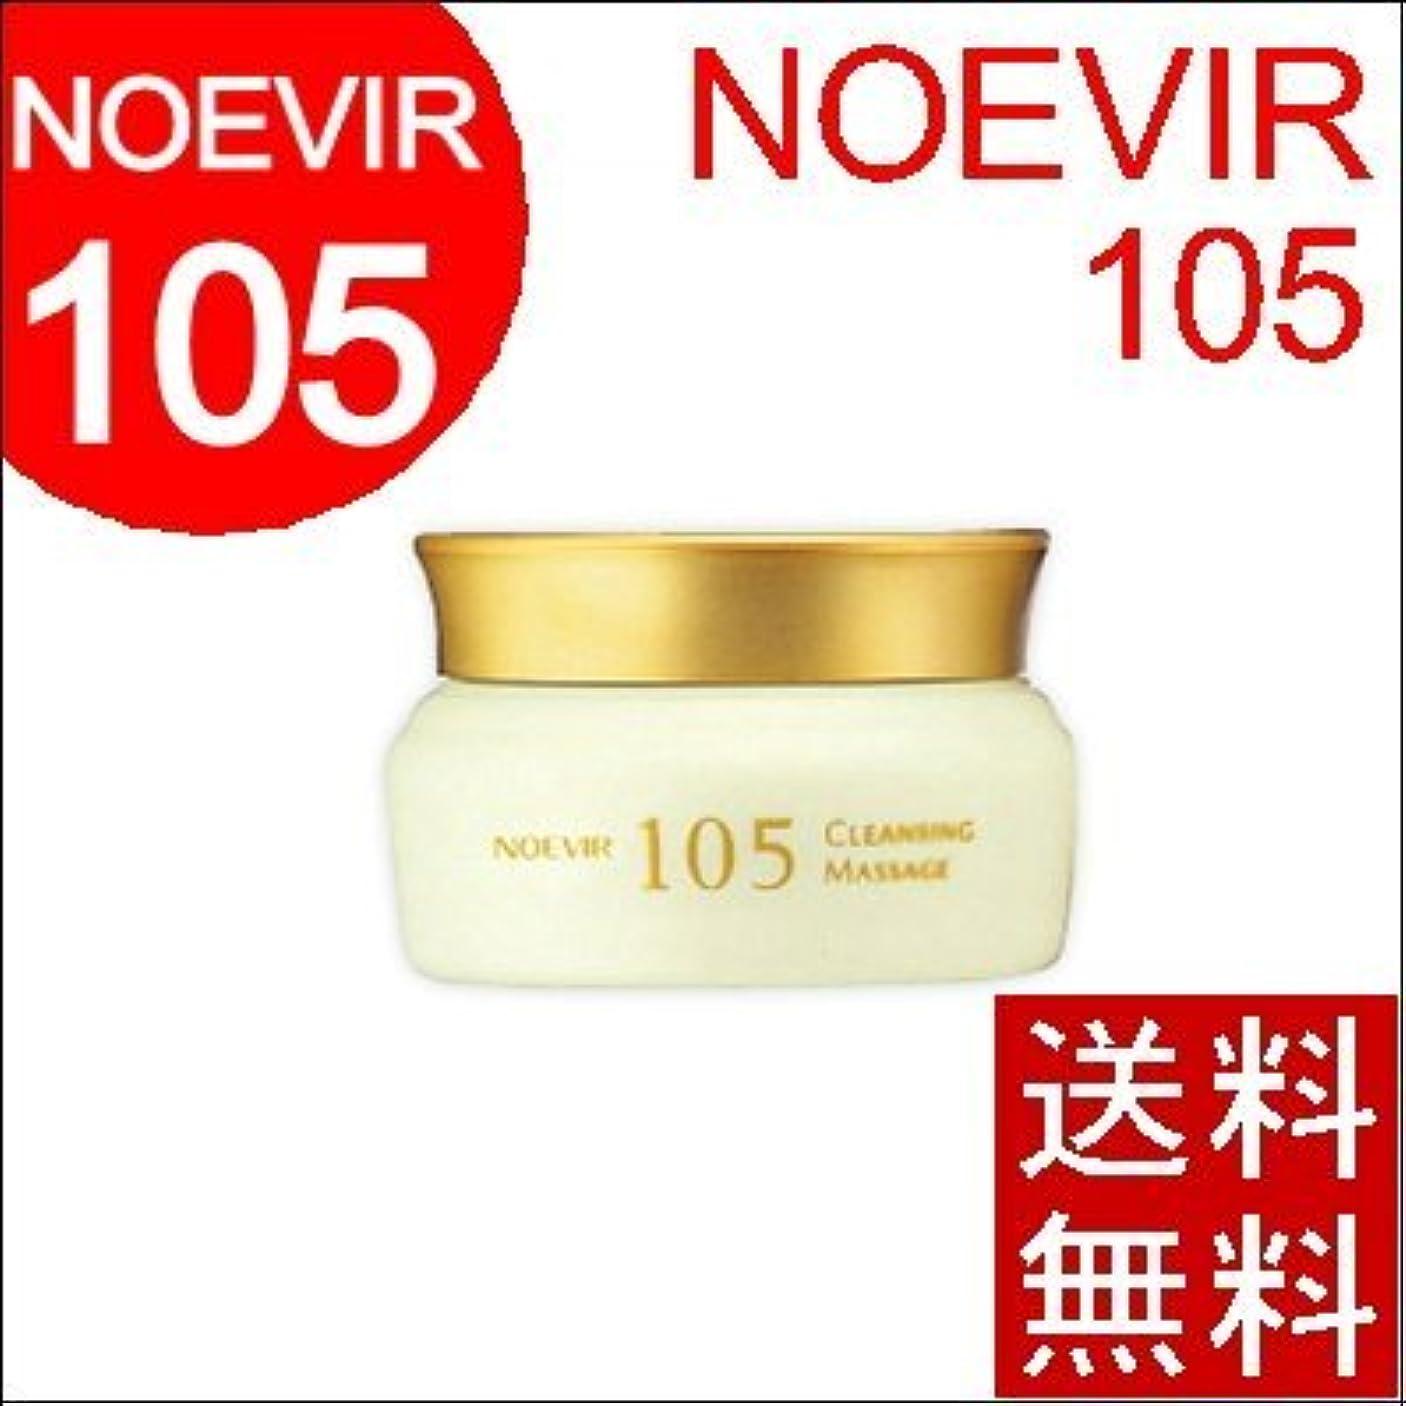 小数構築する可能ノエビア 105 クレンジングマッサージクリームN 100g [並行輸入品]